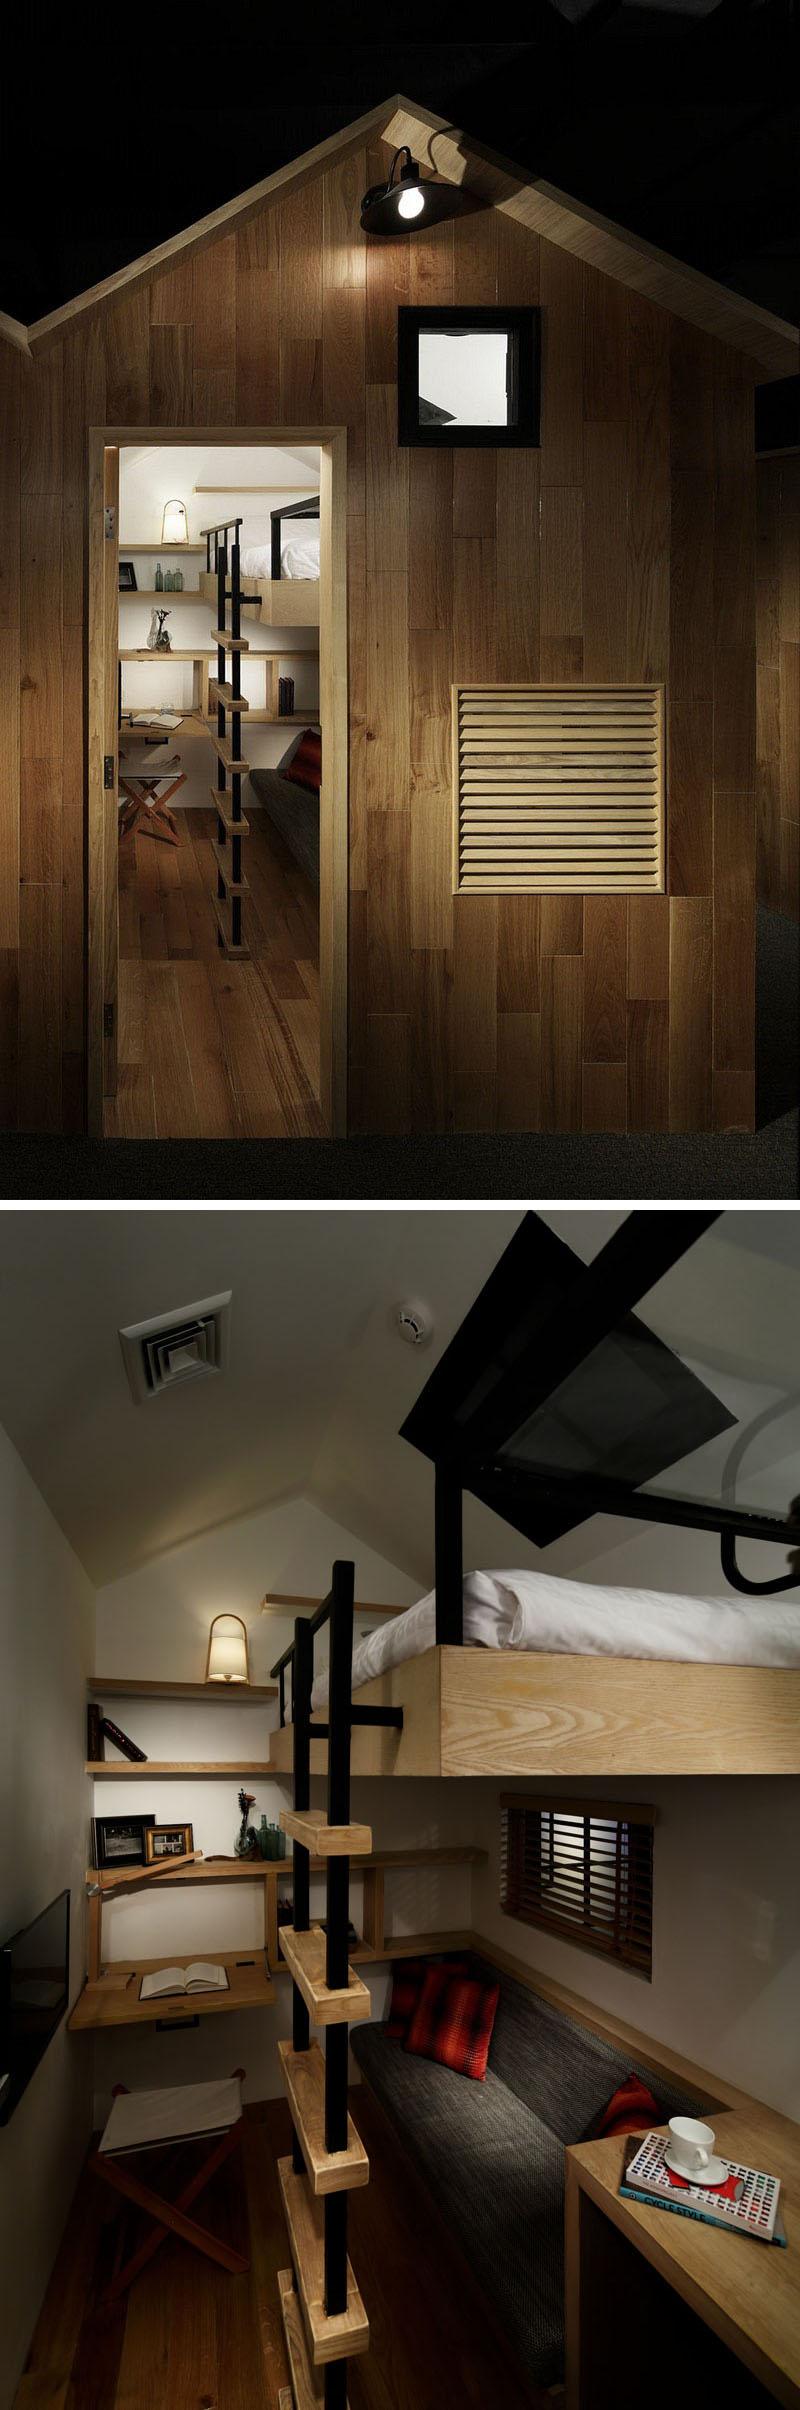 otel mobilyaları küçük alanları değerlendirebilmek